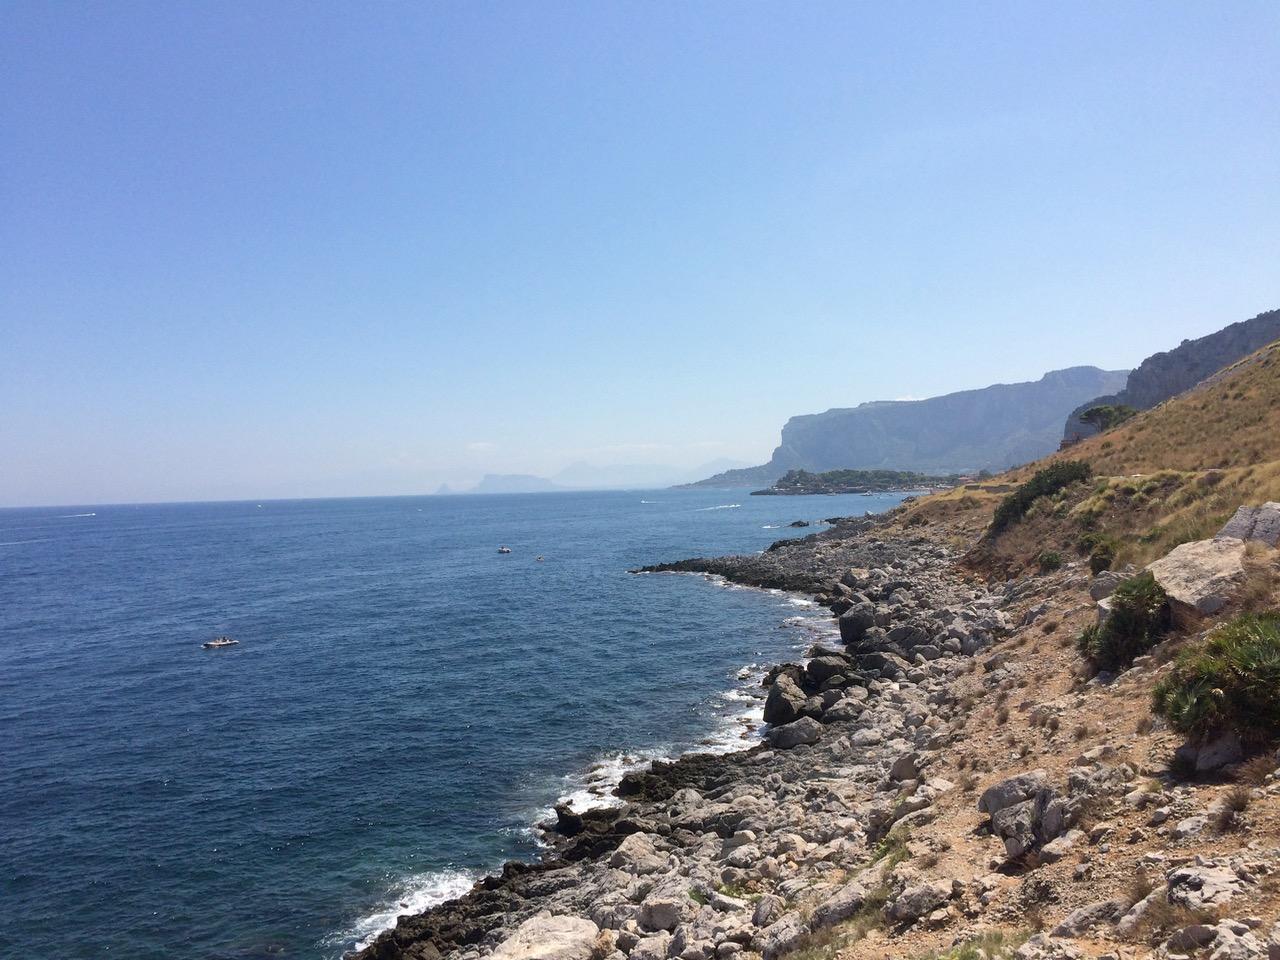 The Sicilian coastline at the Capo Gallo Reserve